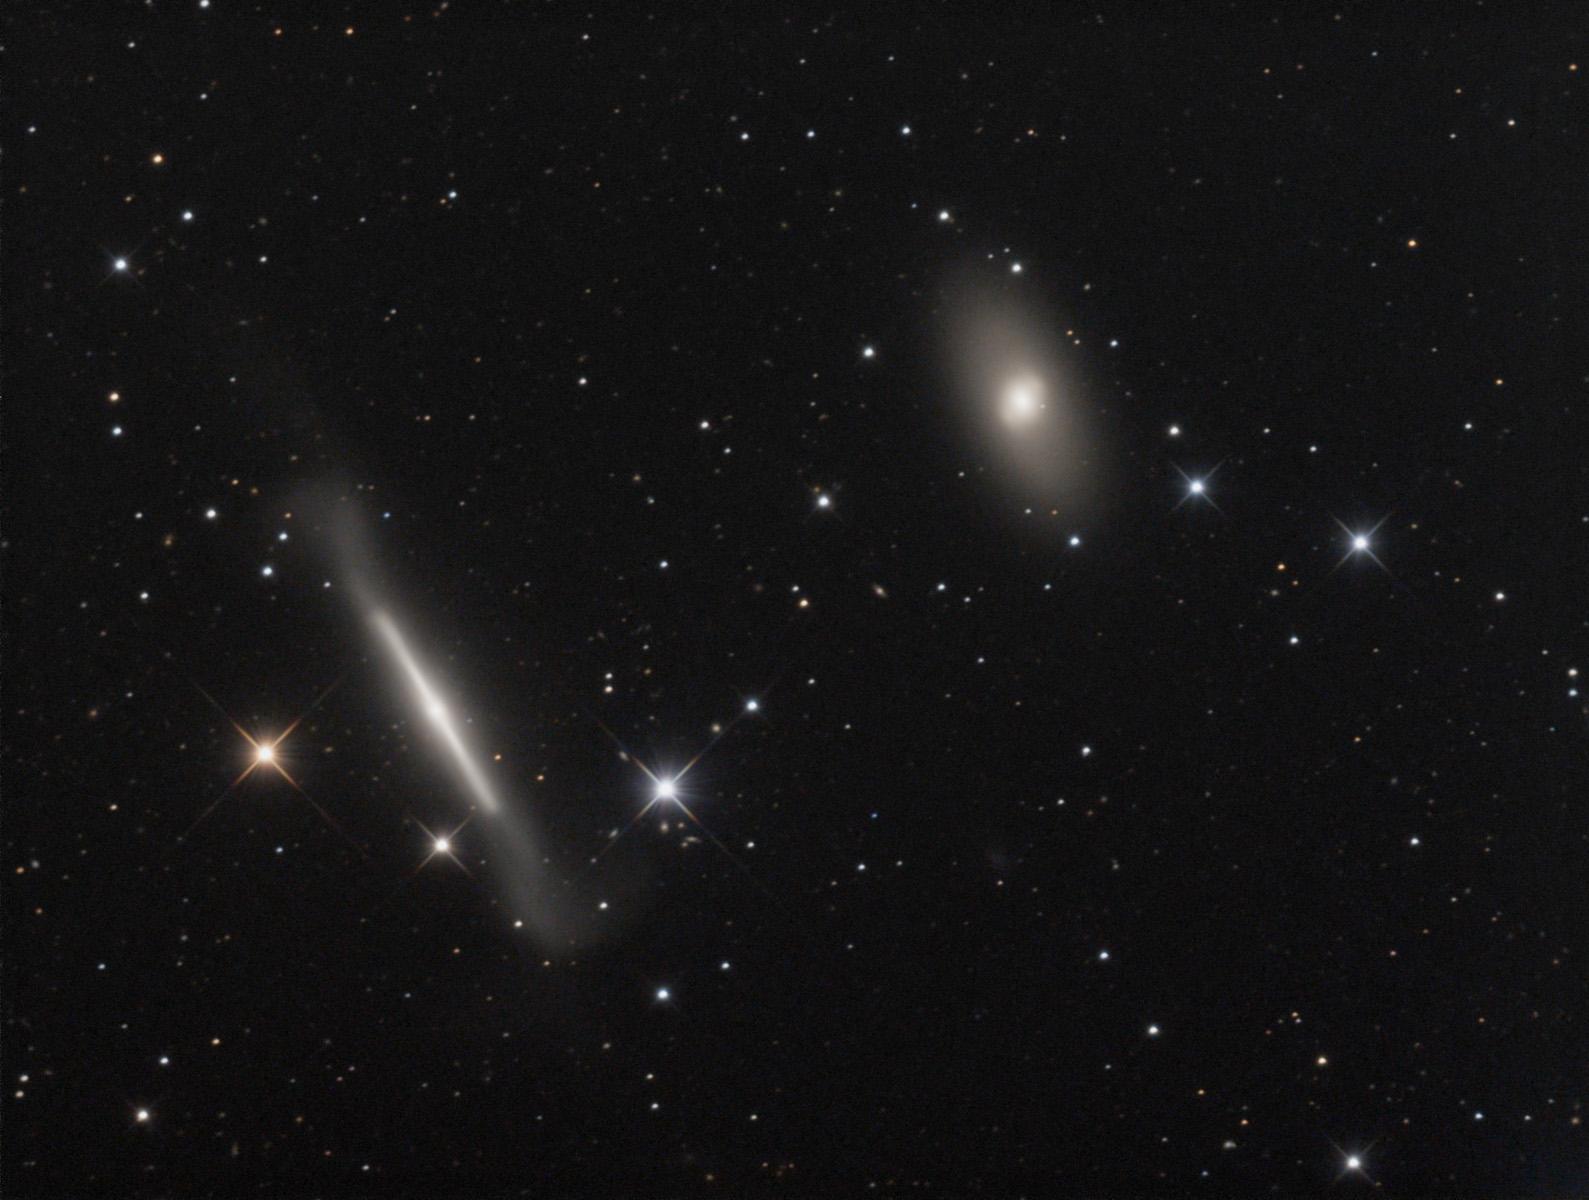 NGC%204754%20+%204762%20-%20CN%20-%20LRG